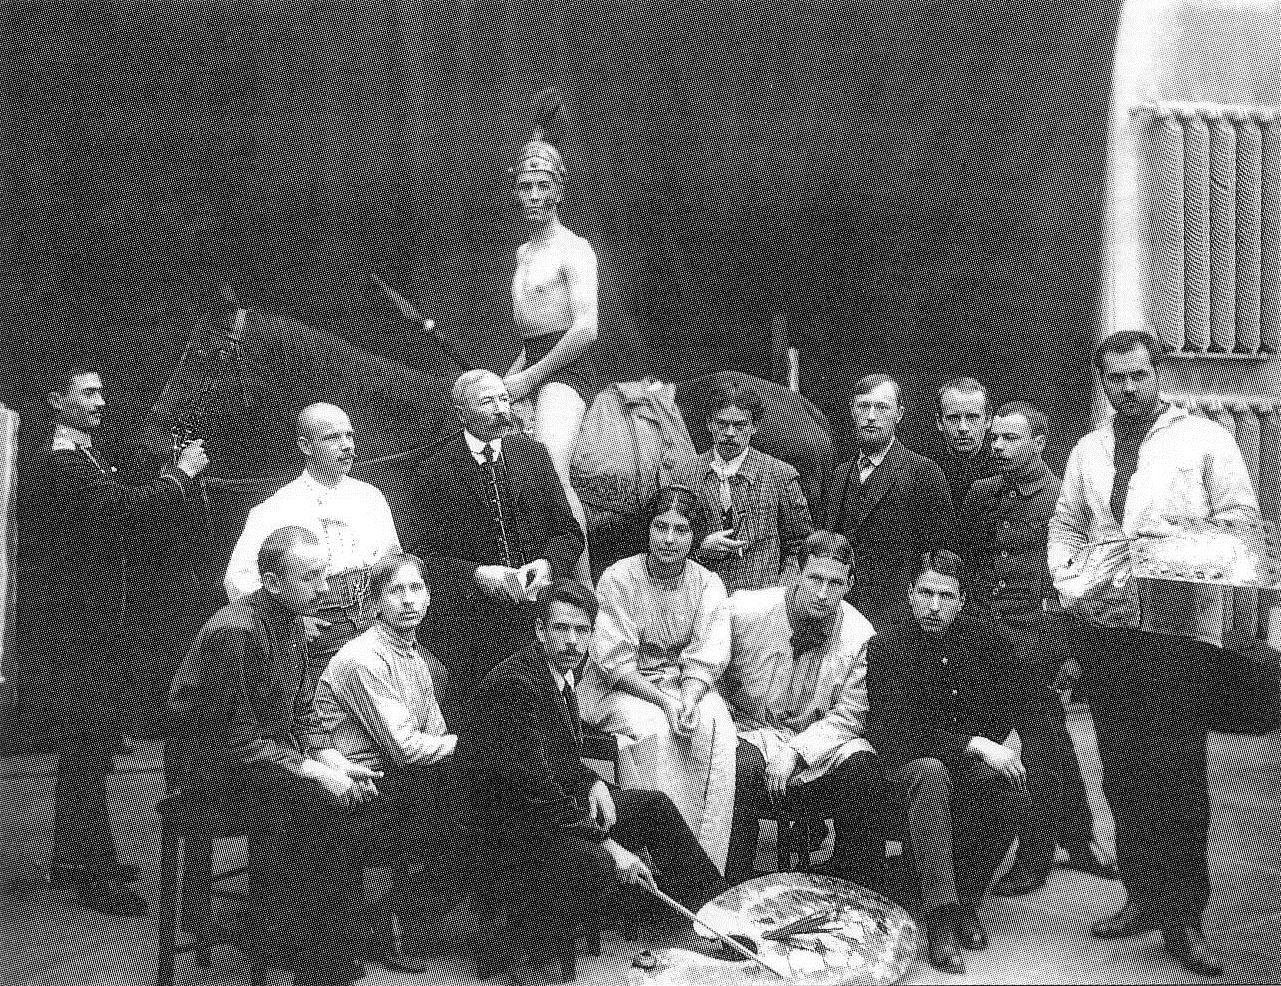 1911. Батальная мастерская. Профессор Н. С. Самокиш с воспитанниками во время занятий